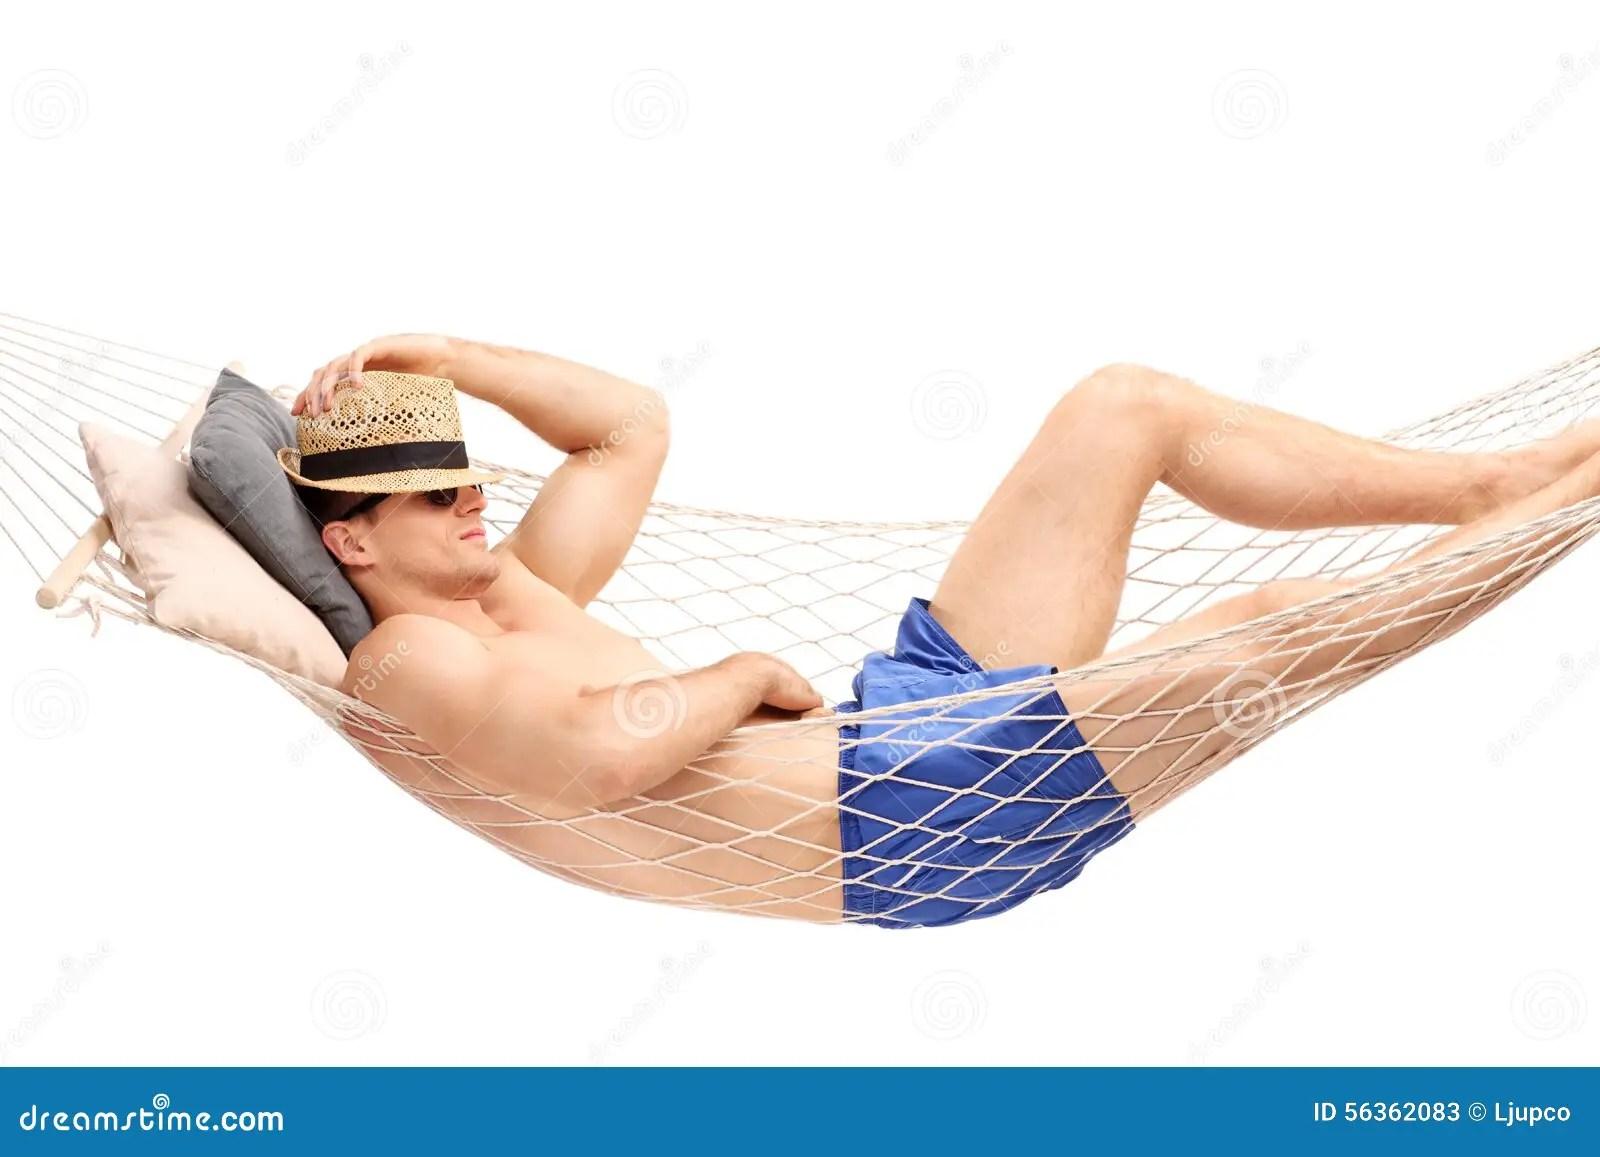 Guy In Blue Swim Trunks Sleeping In A Hammock Stock Photo